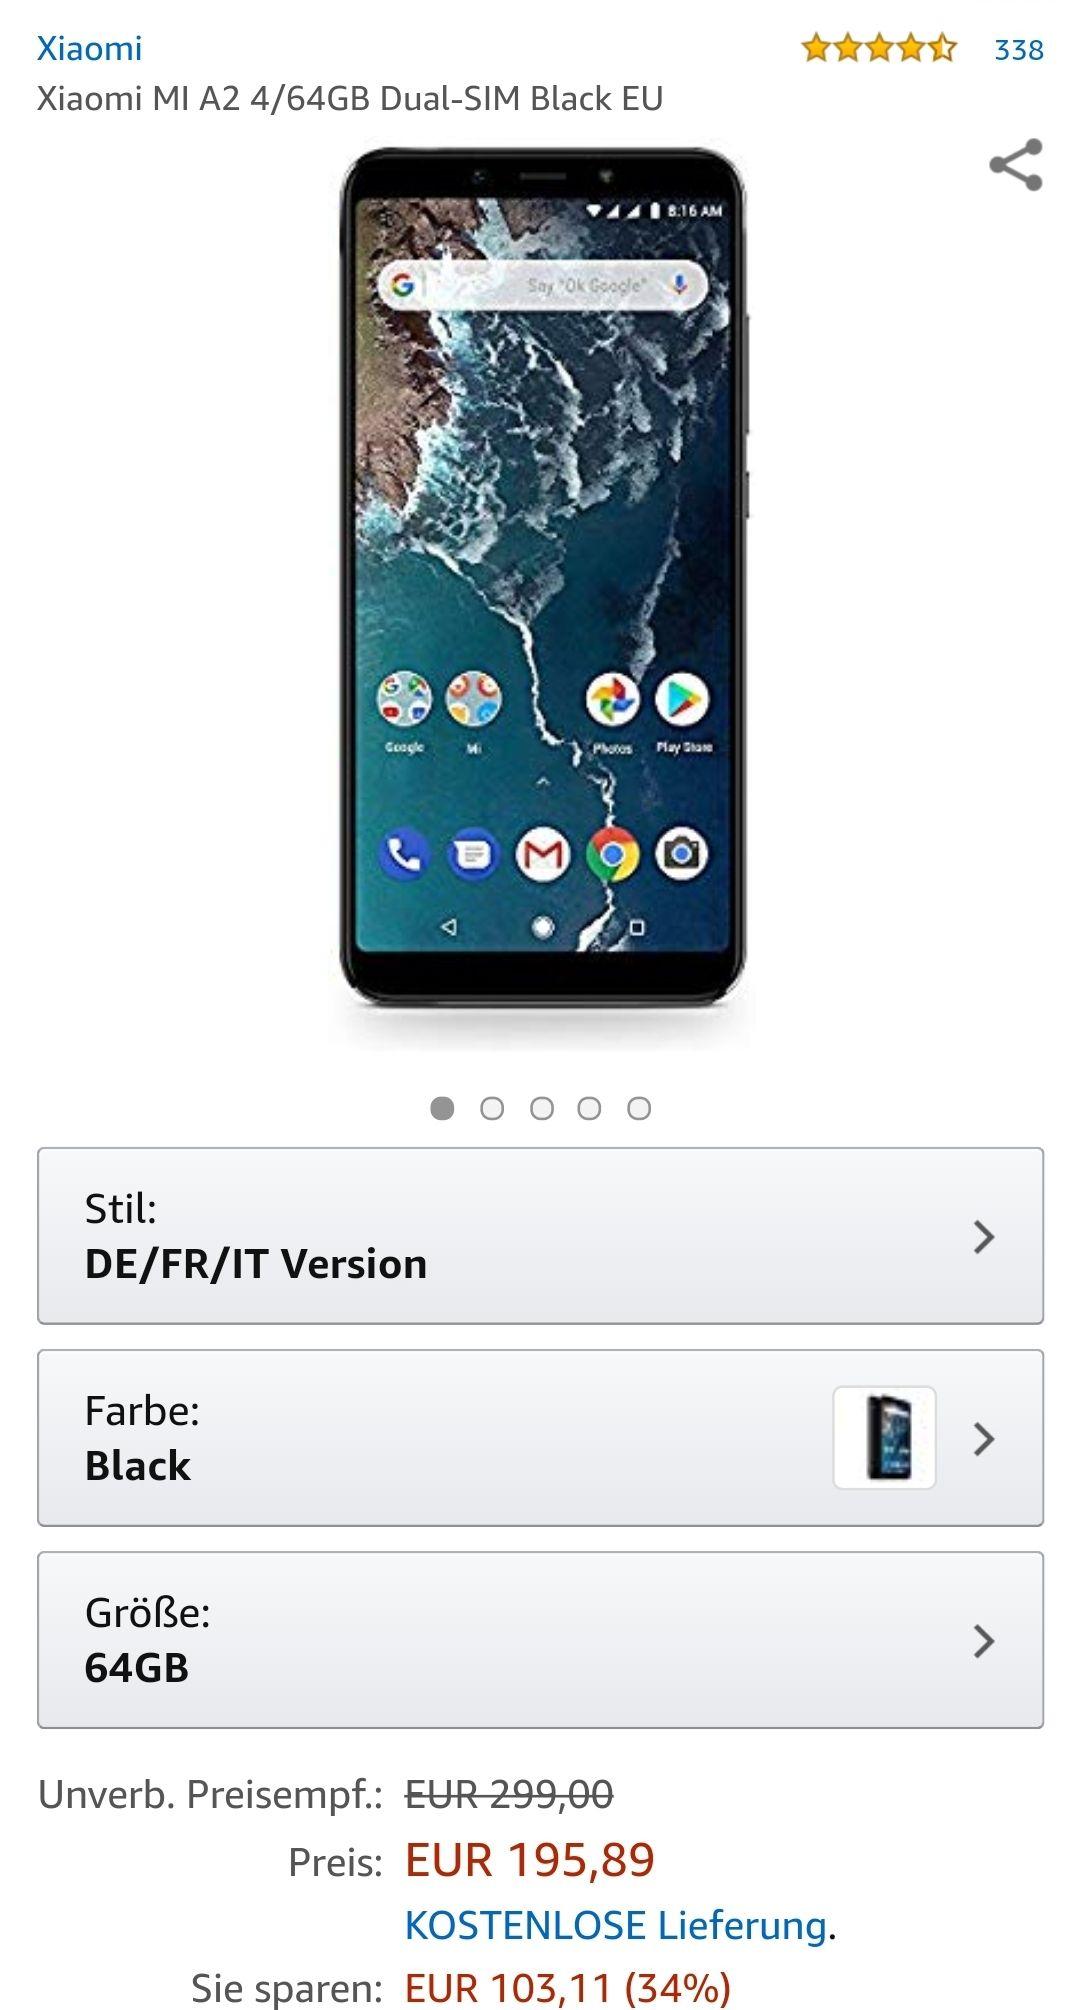 Xiaomi MI A2 4/64GB Dual-SIM Black EU Android One 9.0 [Amazon] Versand aus Deutschland/Amazon